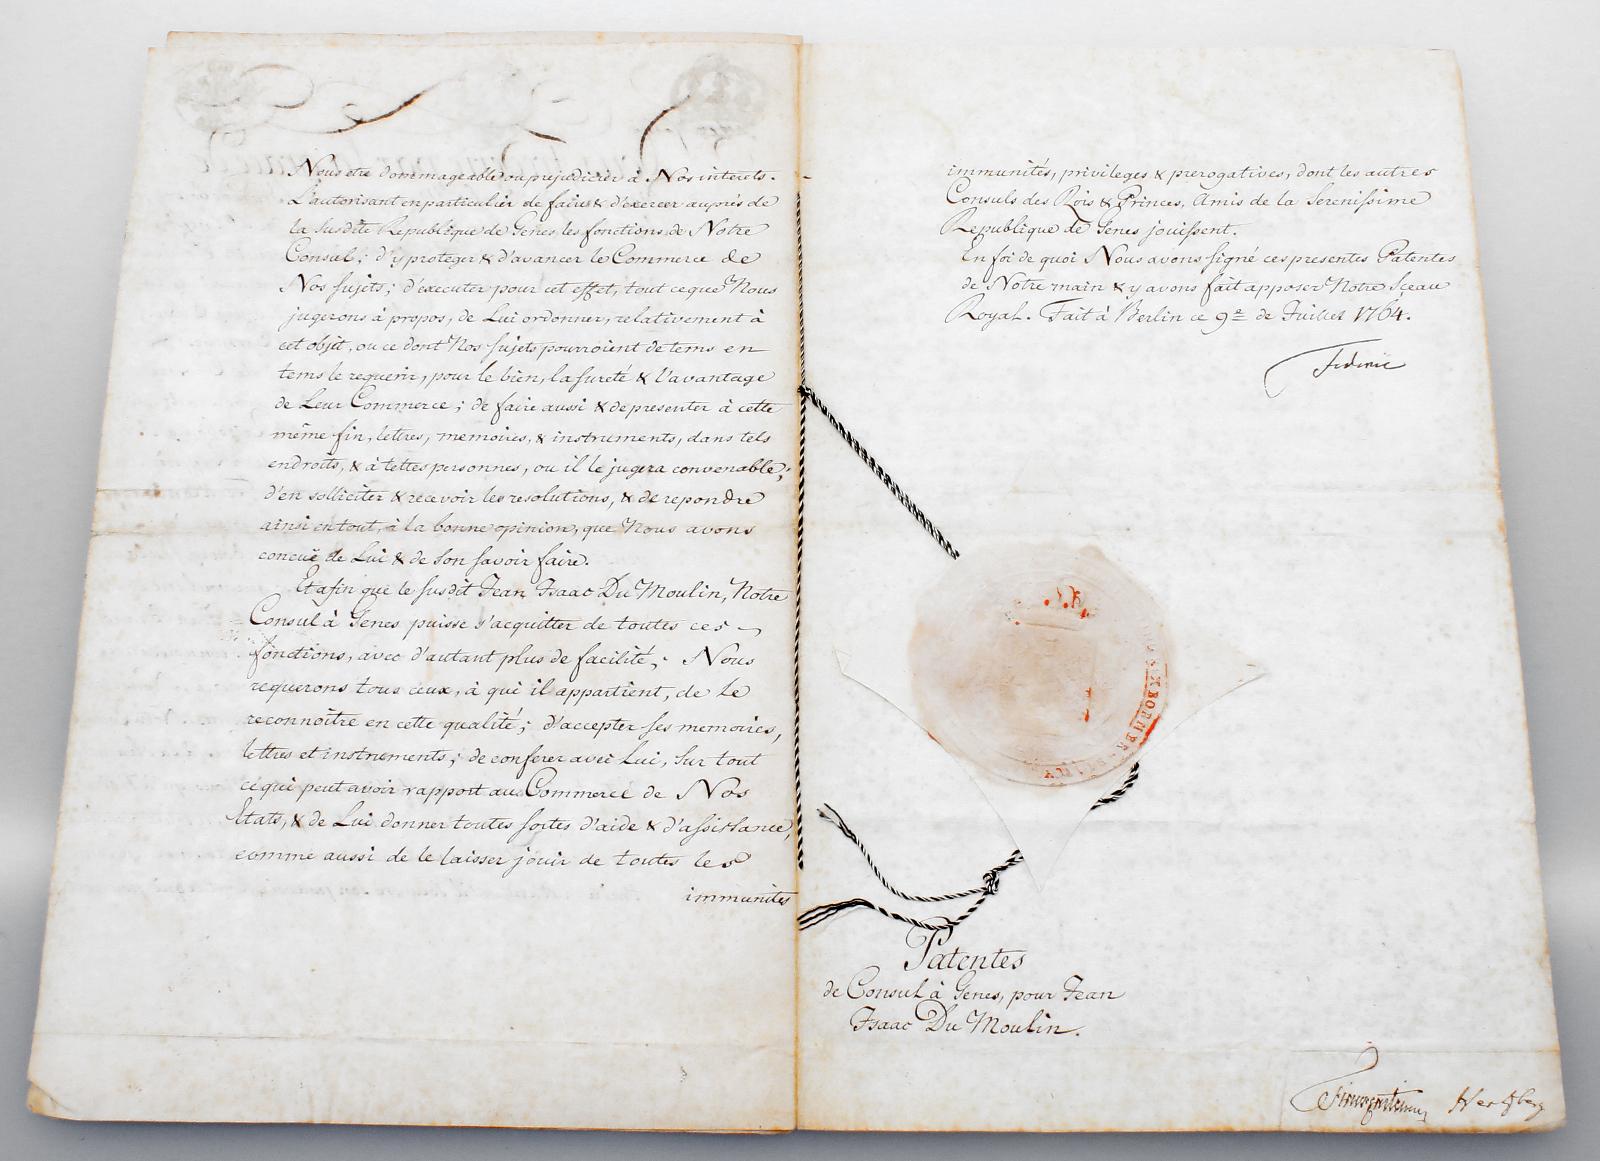 Gesiegelte Urkunde mit Originalautograph Friedrich II. von Preussen 1764